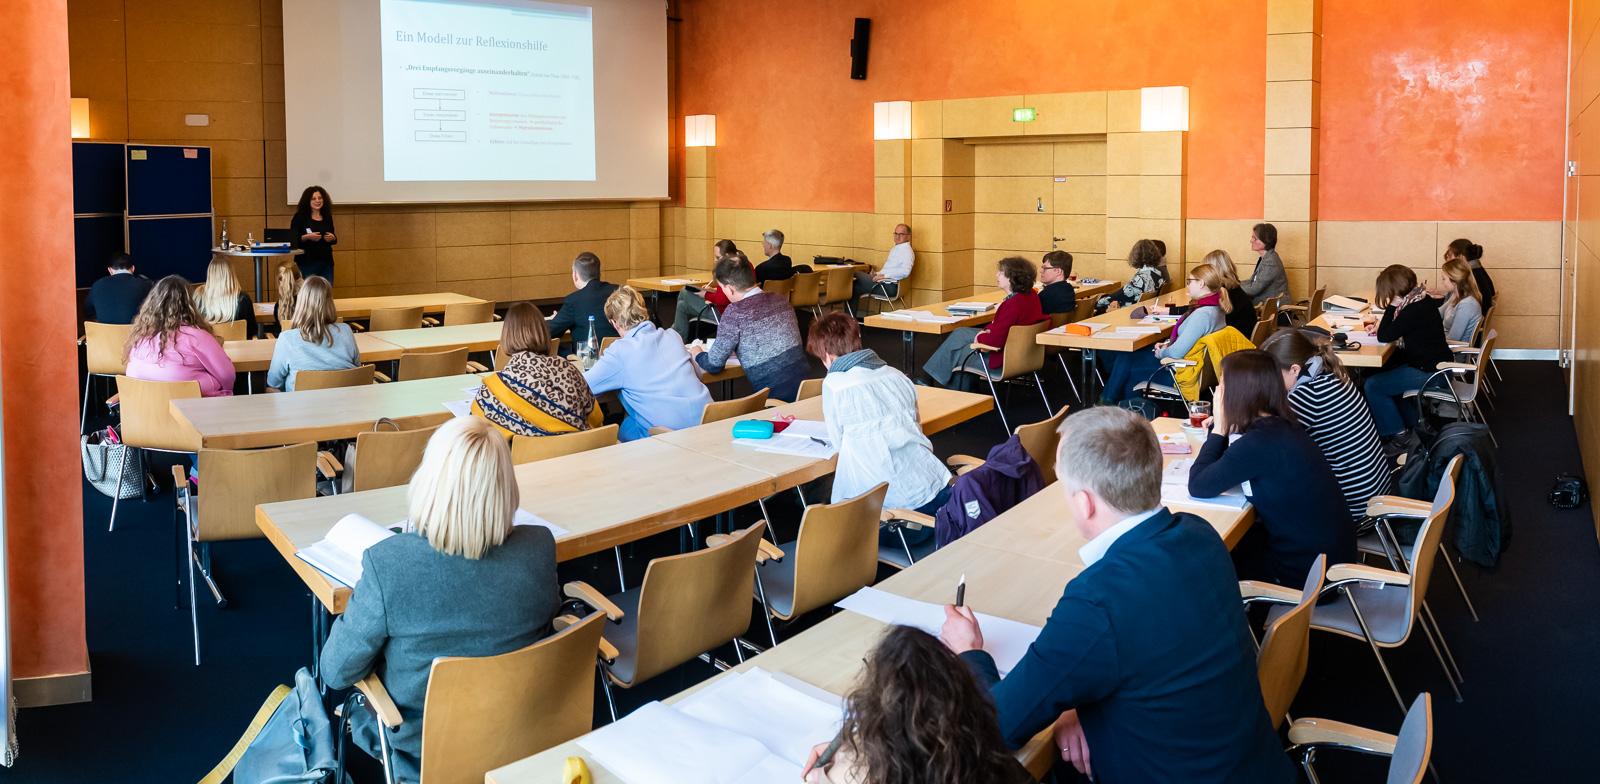 Sprachsensibles-Unterrichten-foerdern-Abschlusstagung-11